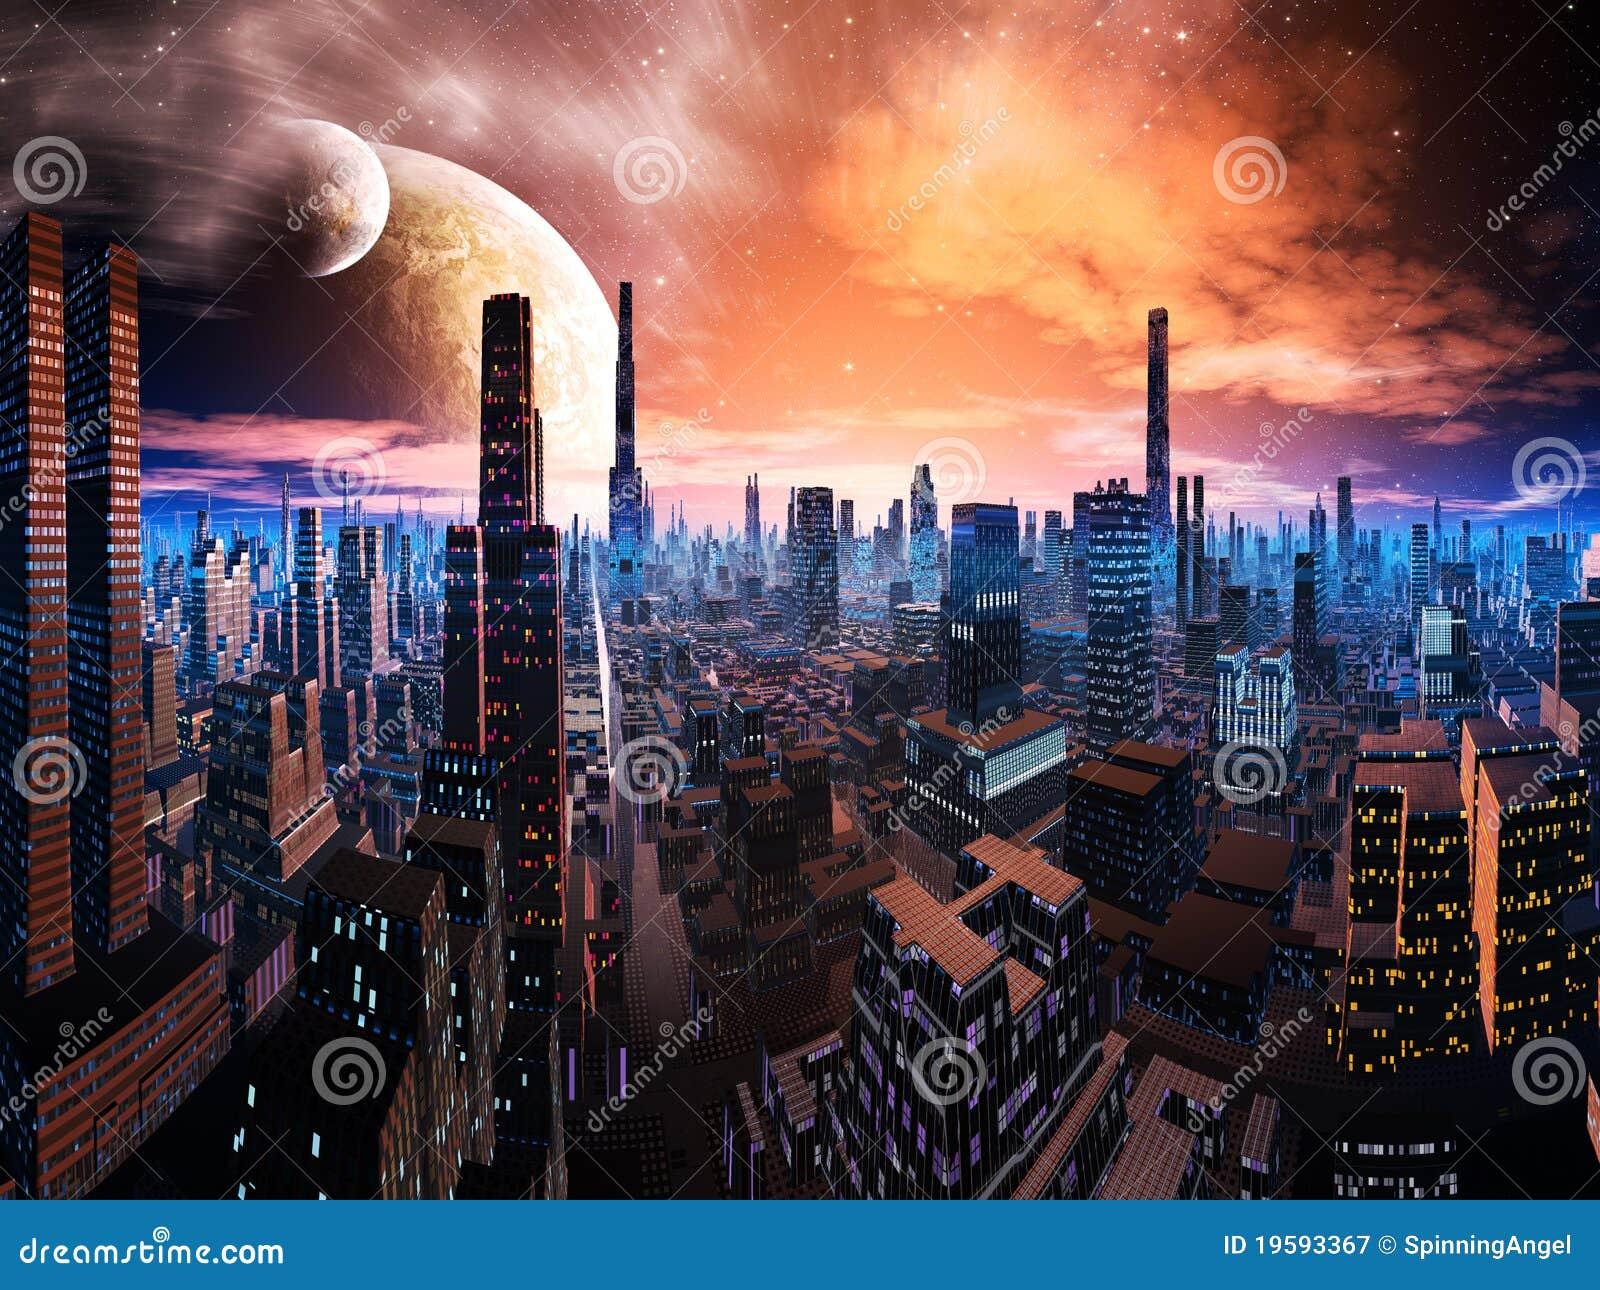 Pejzaż miejski świat odległy zaświecający neonowy